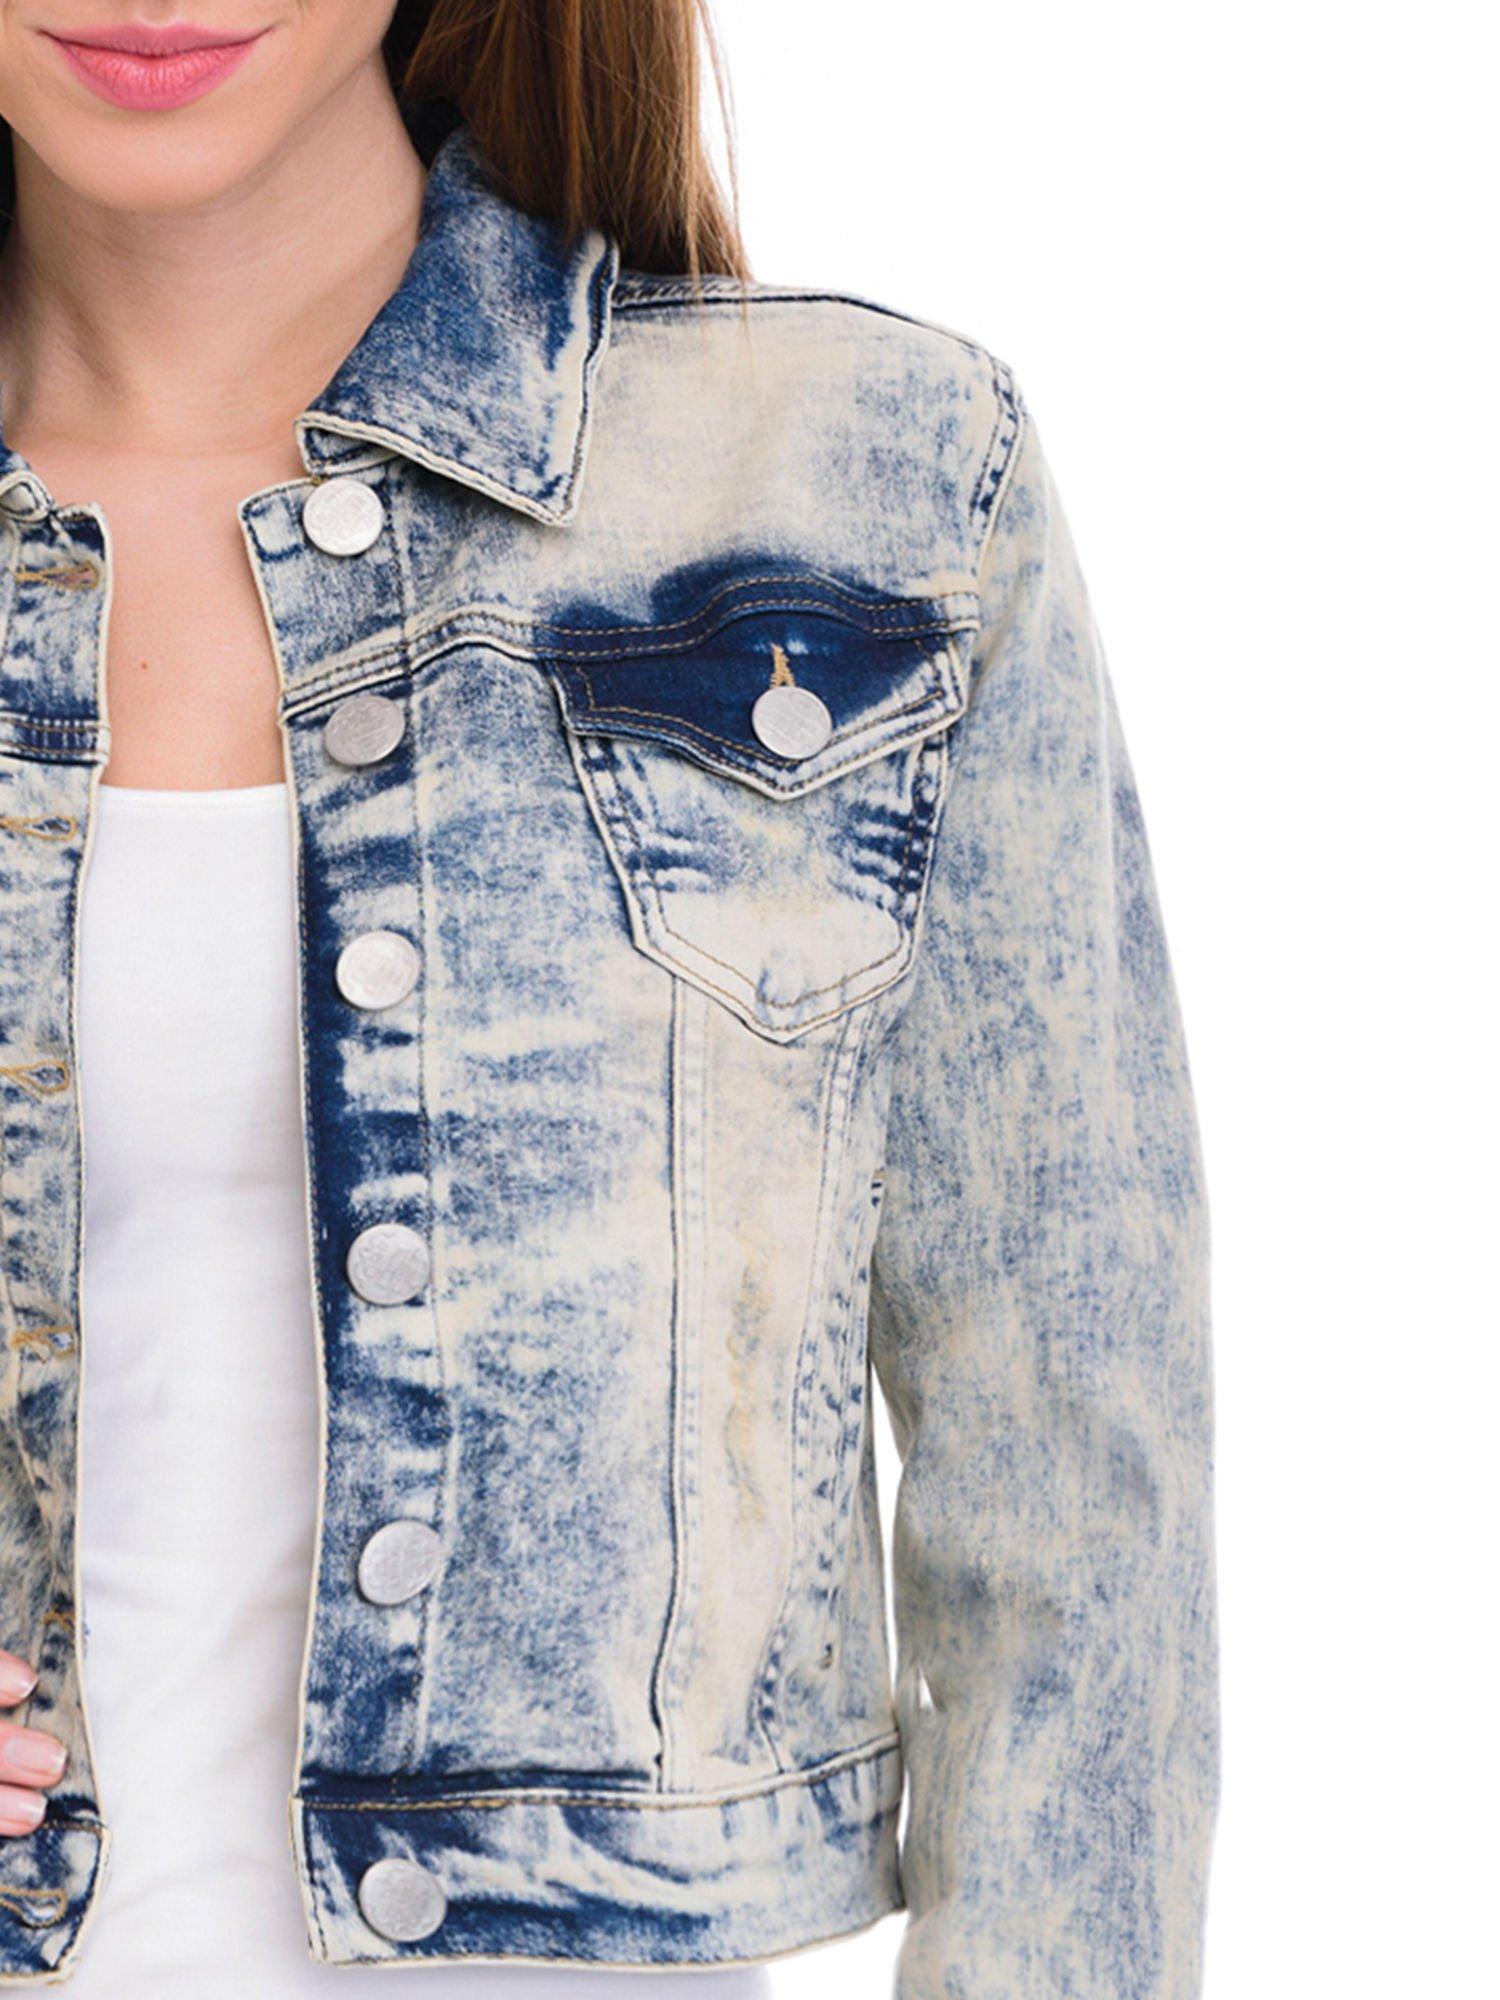 Jasnoniebieska kurtka jeansowa damska z marmurkowego denimu                                  zdj.                                  5